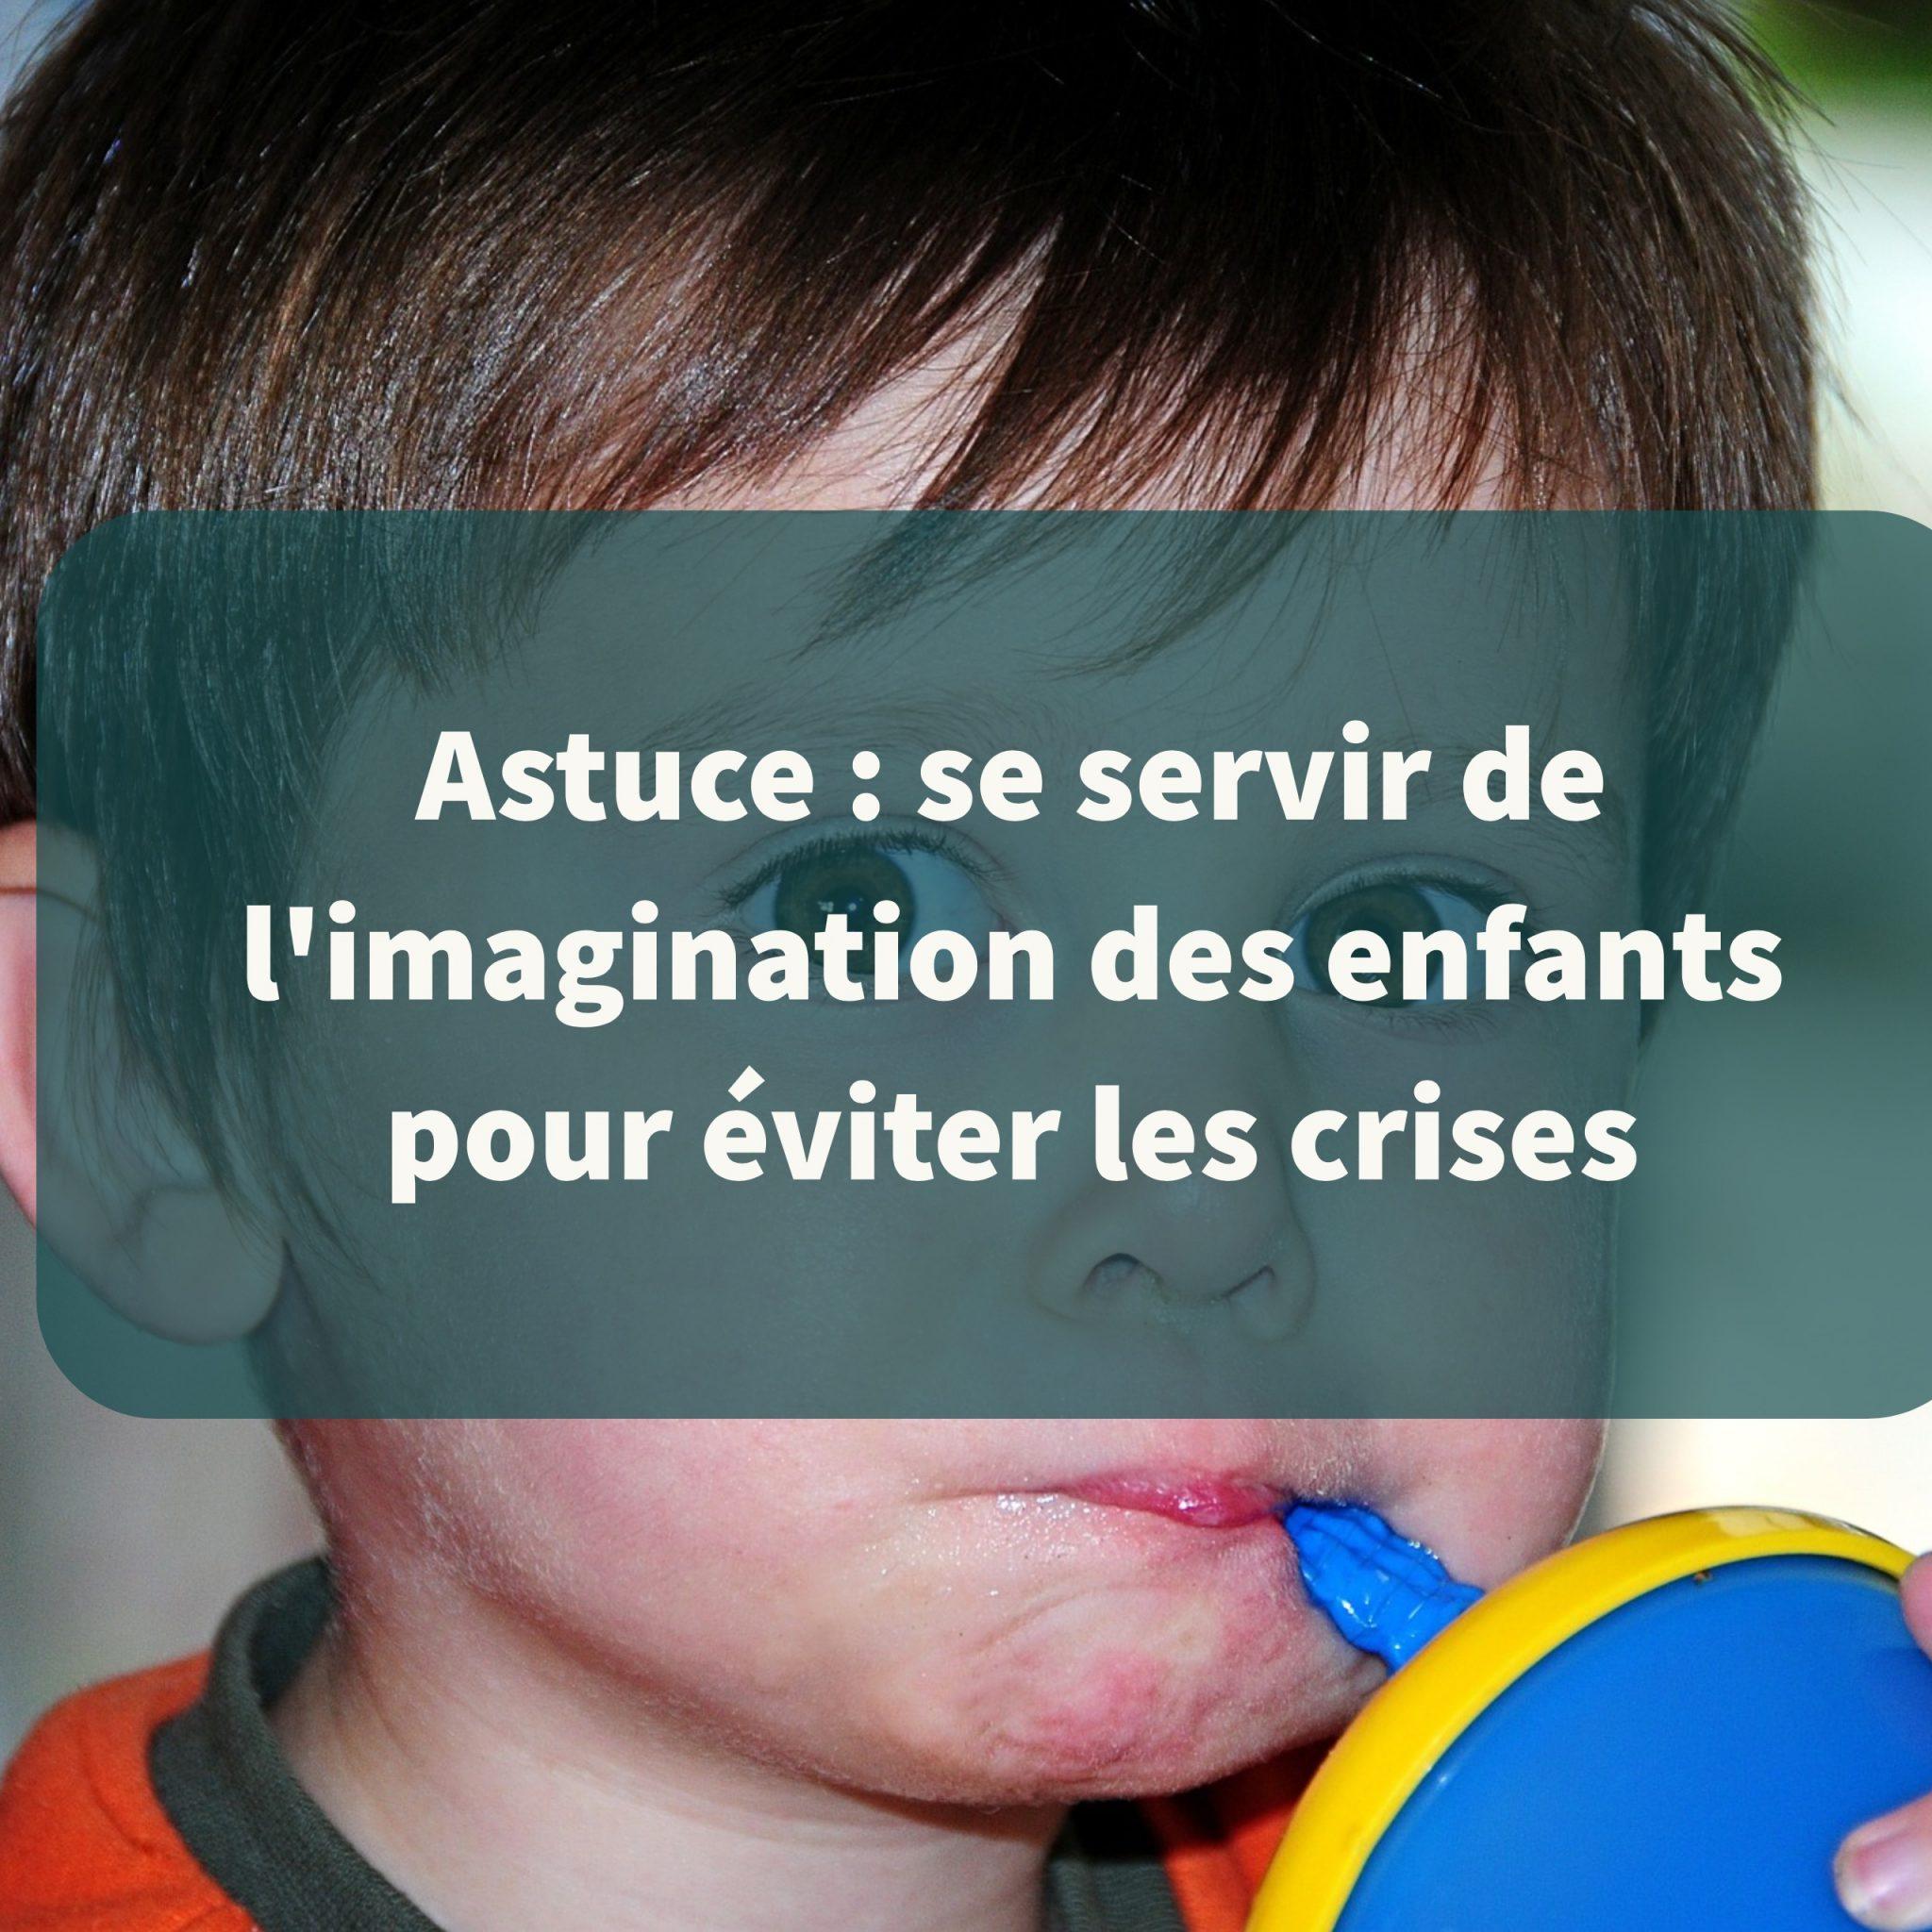 Astuce se servir de l 39 imagination des enfants pour viter les crises - Astuce pour se debarrasser des mouches ...